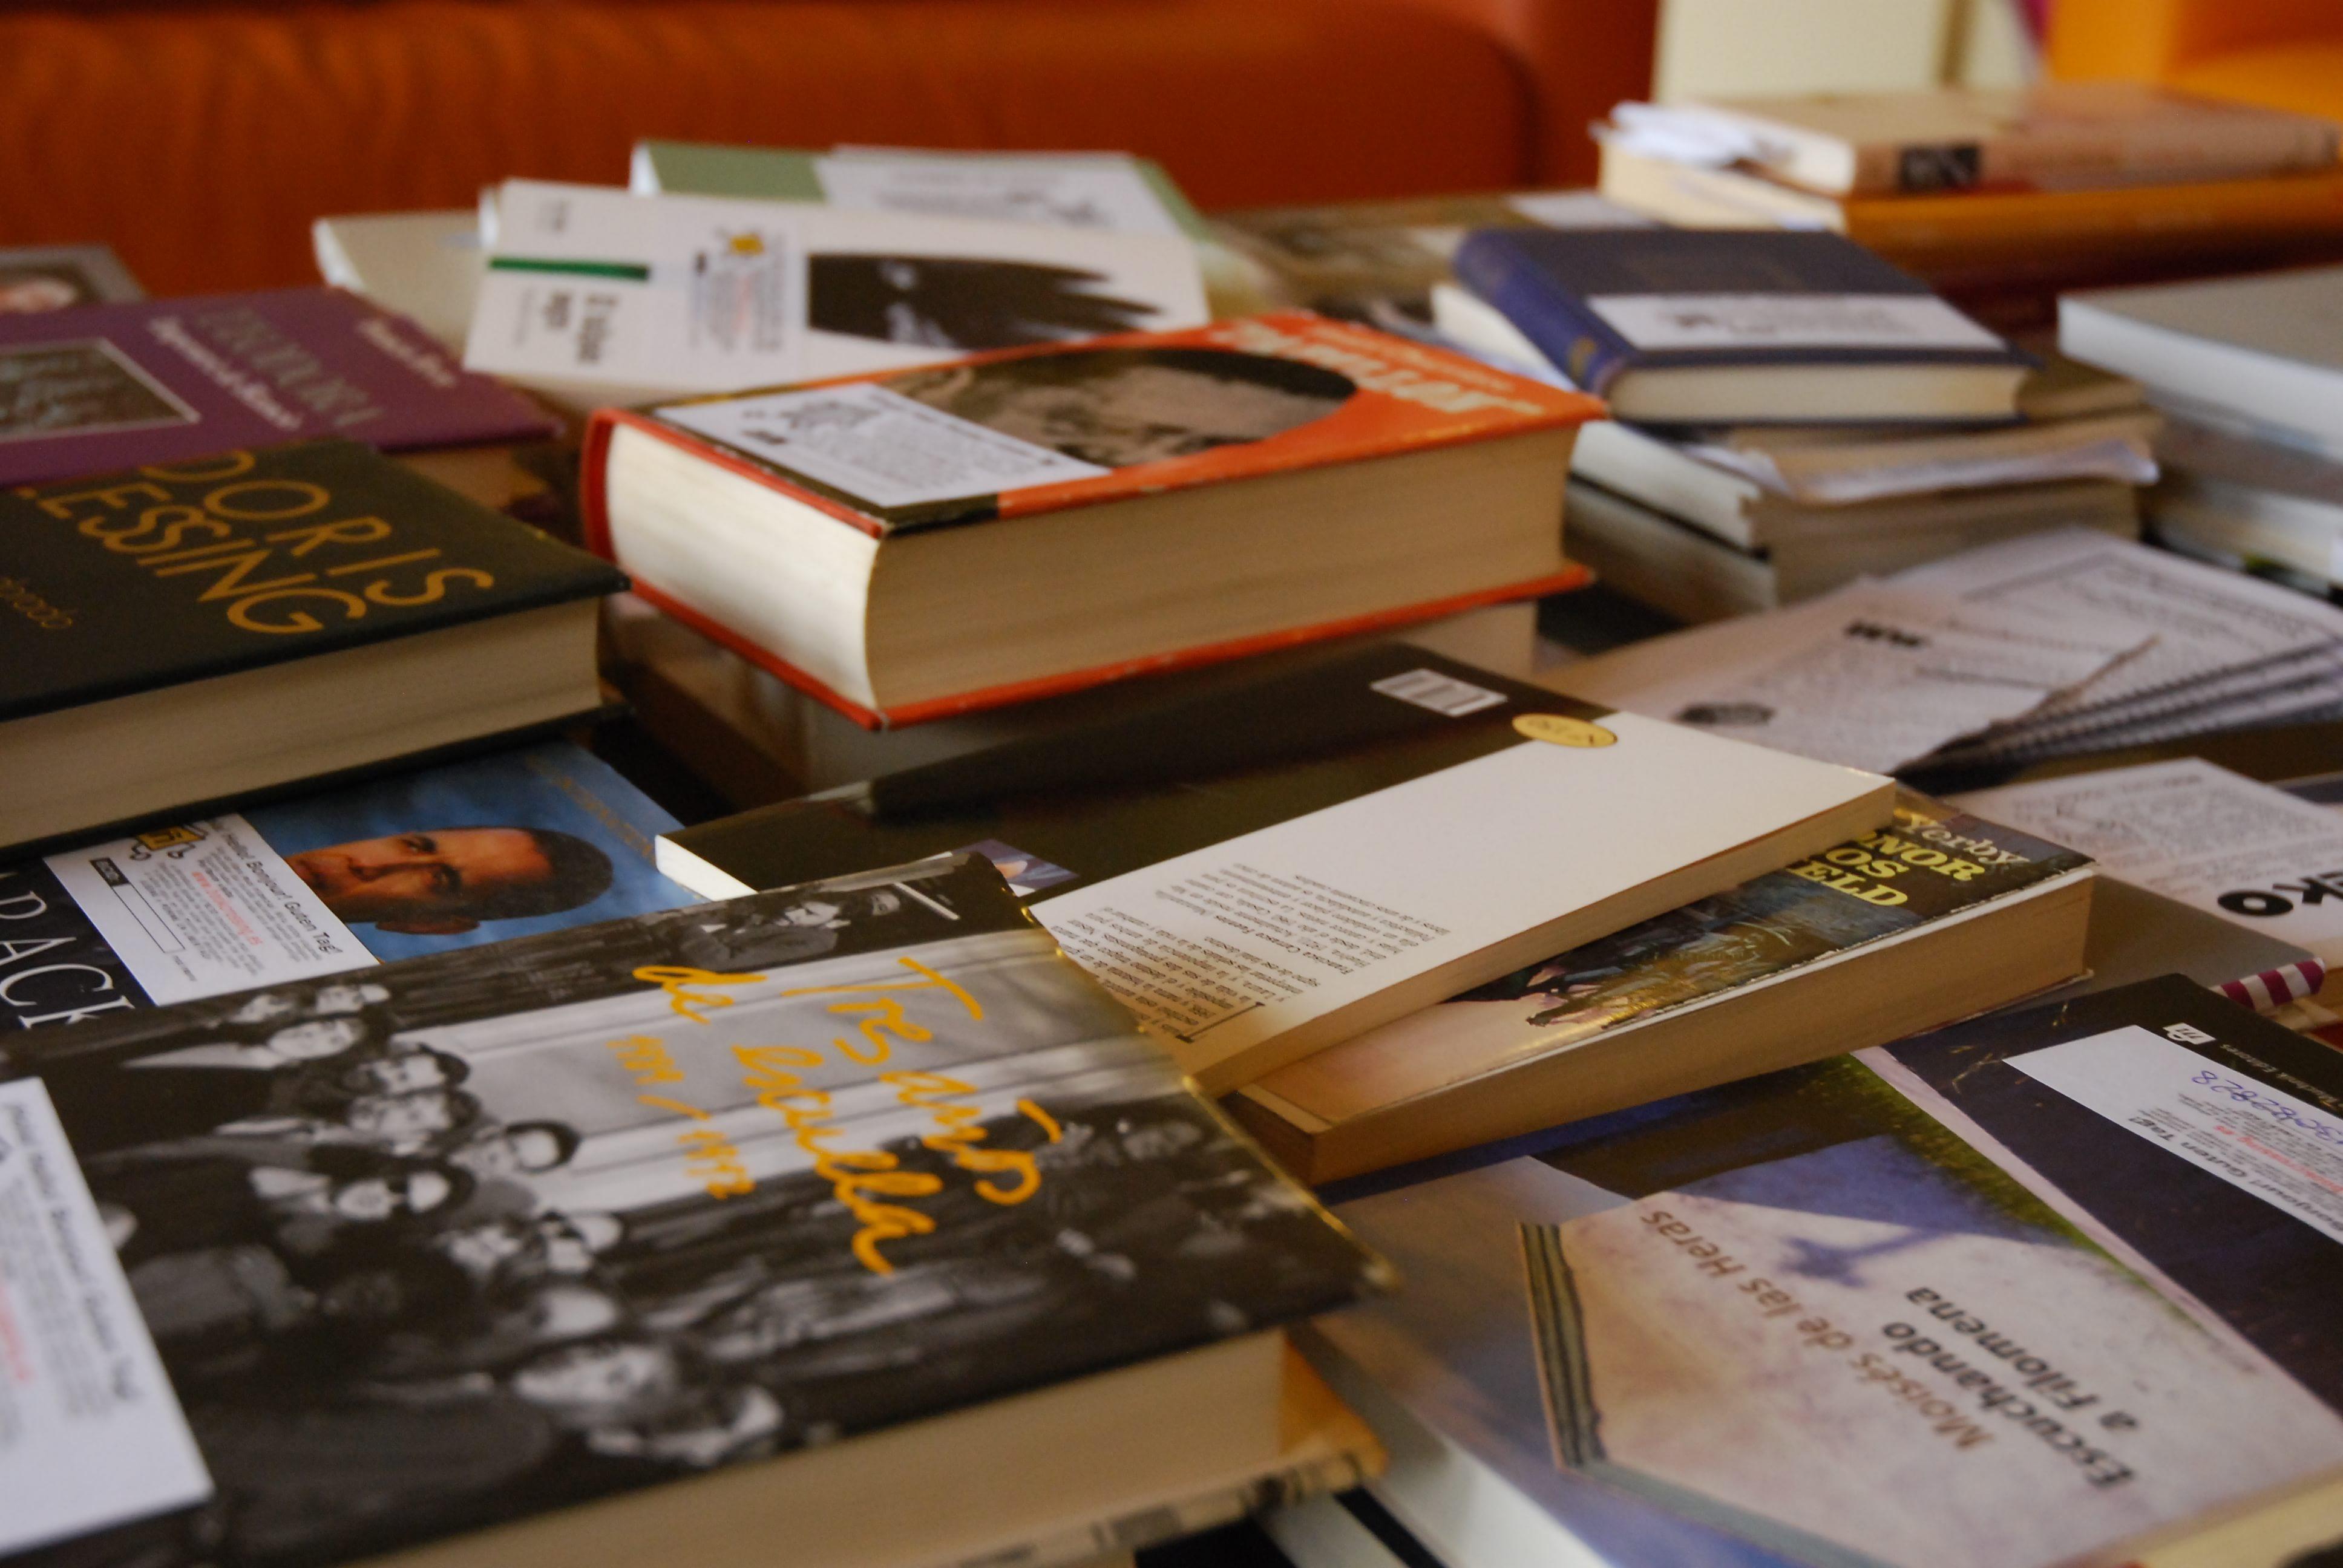 El Museo de América y YesEuropa liberaron más de 300 libros